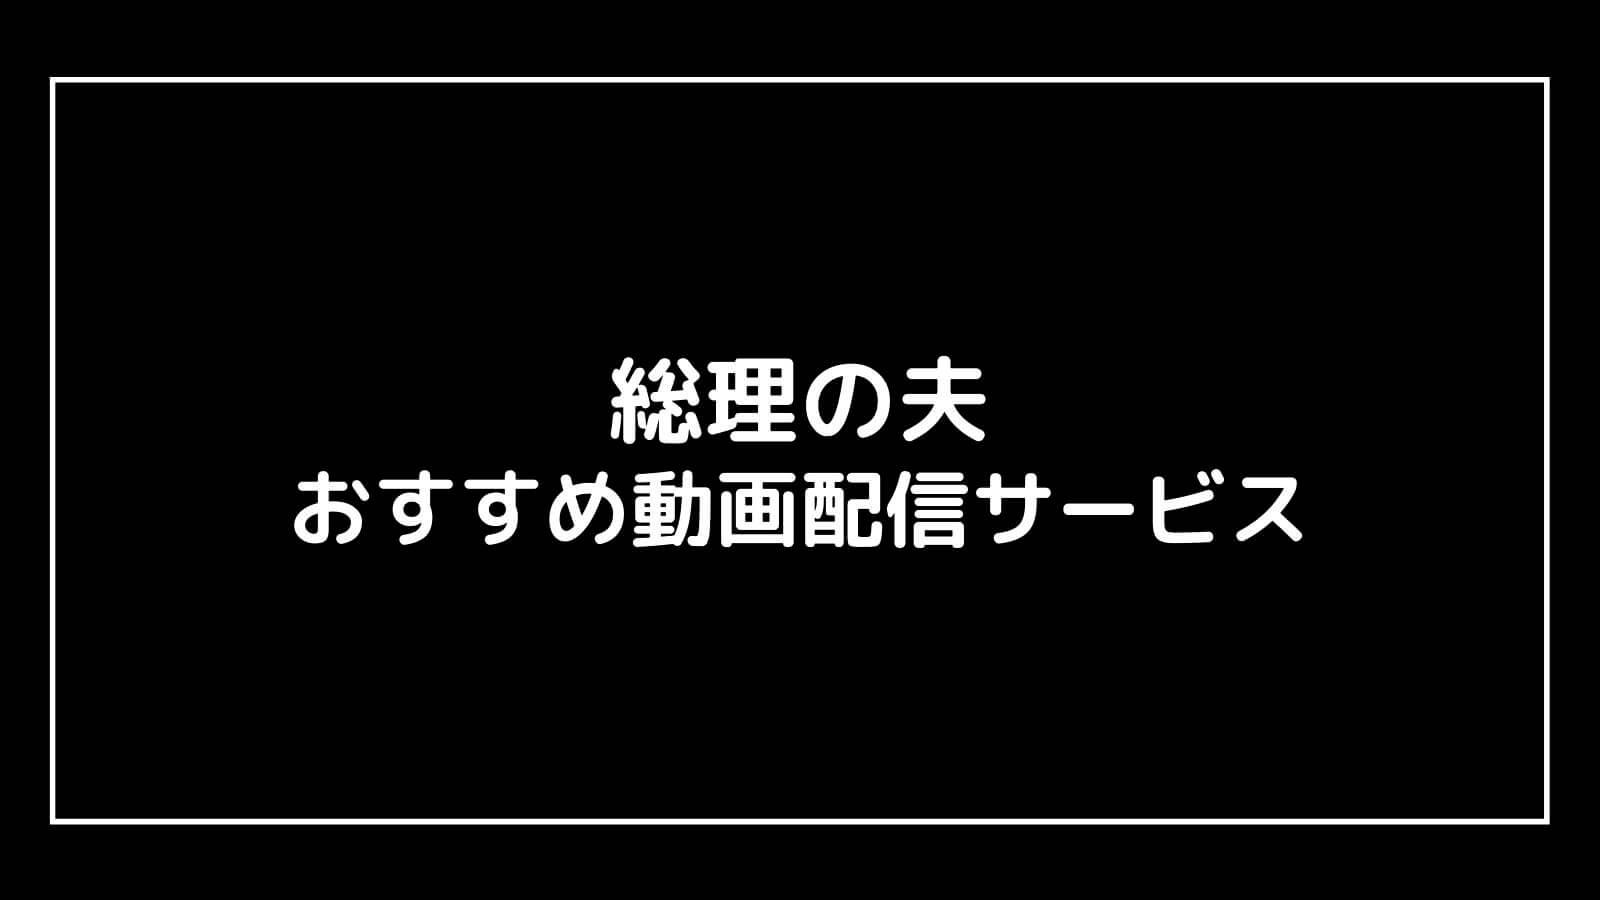 映画『総理の夫』を無料視聴できるおすすめ動画配信サービス